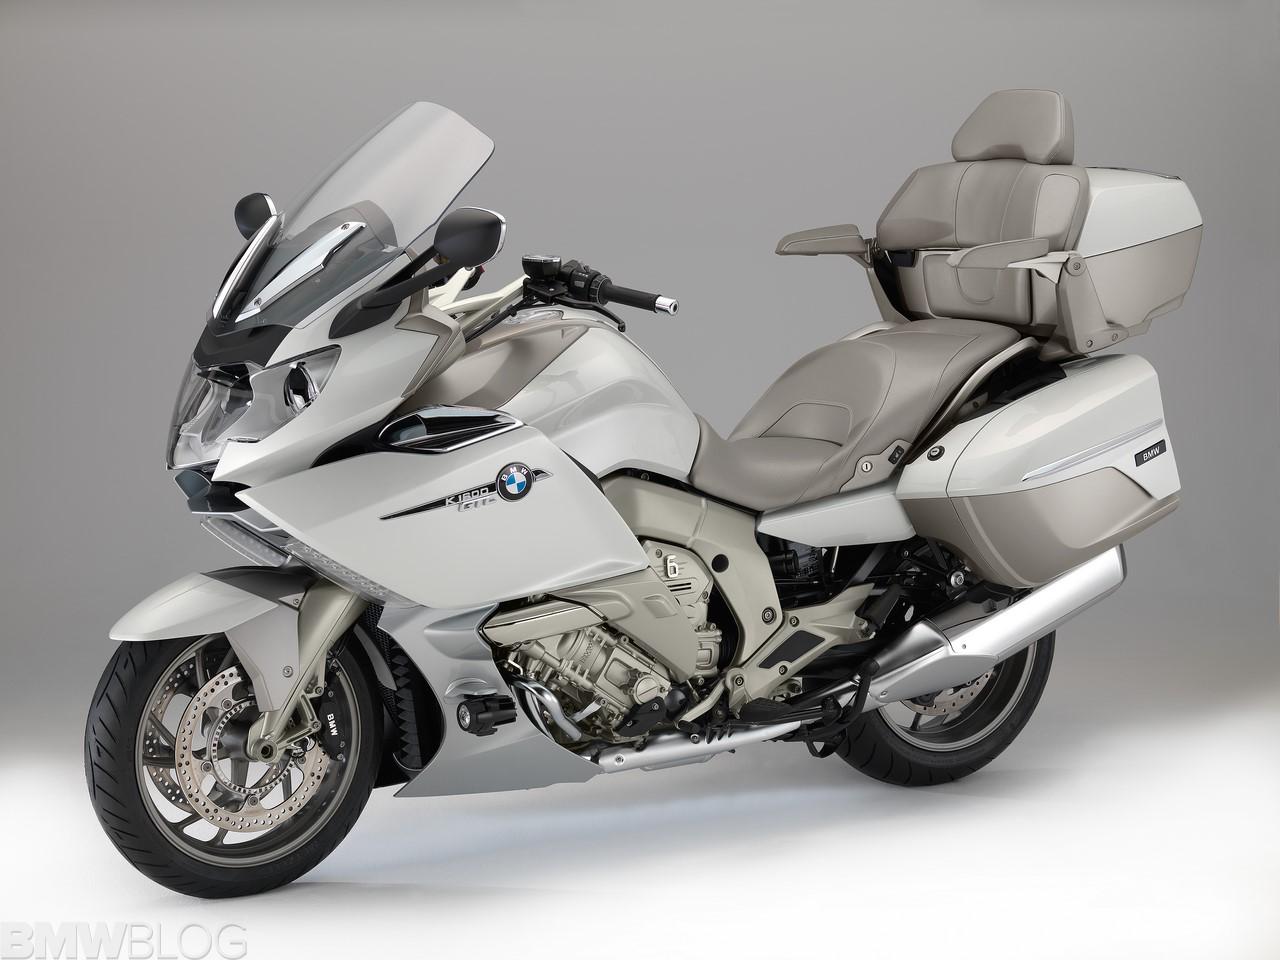 BMW K 1600 GTL – touring motorcycle